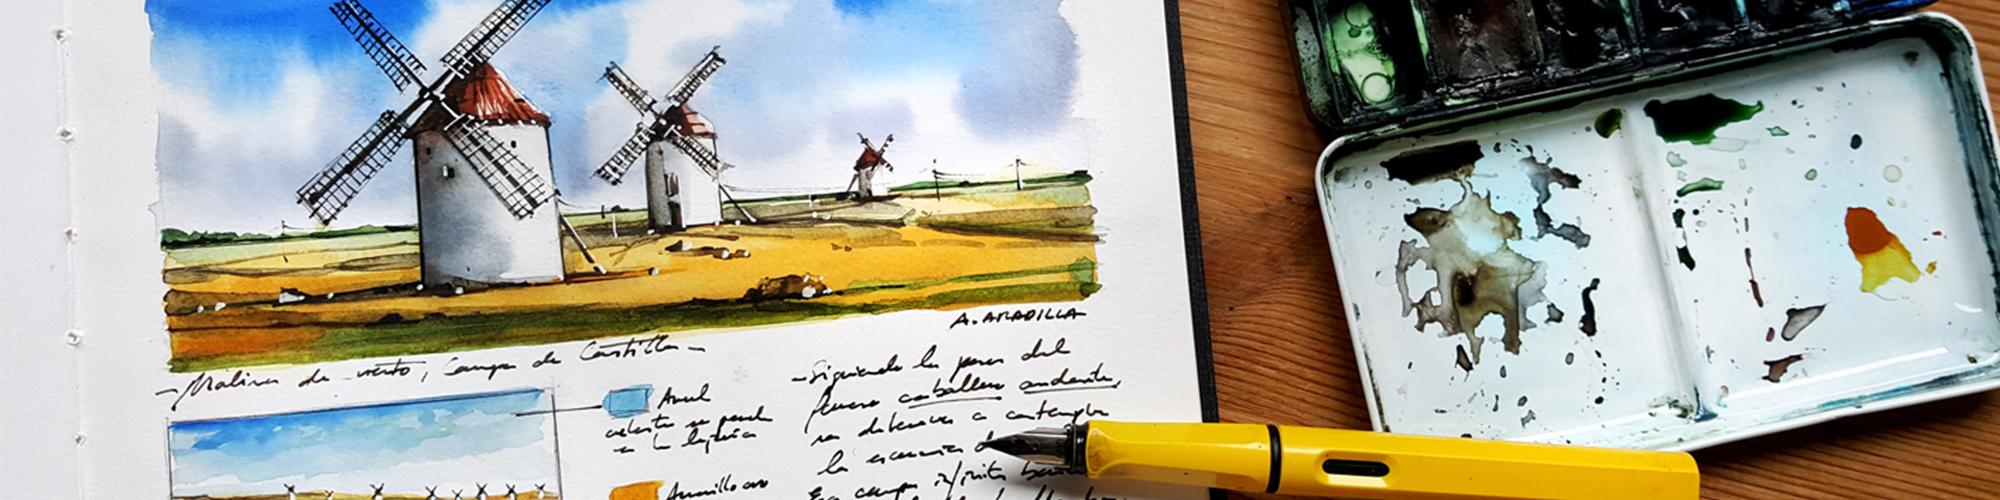 El cuaderno de viaje de El Quijote - El País Viajes